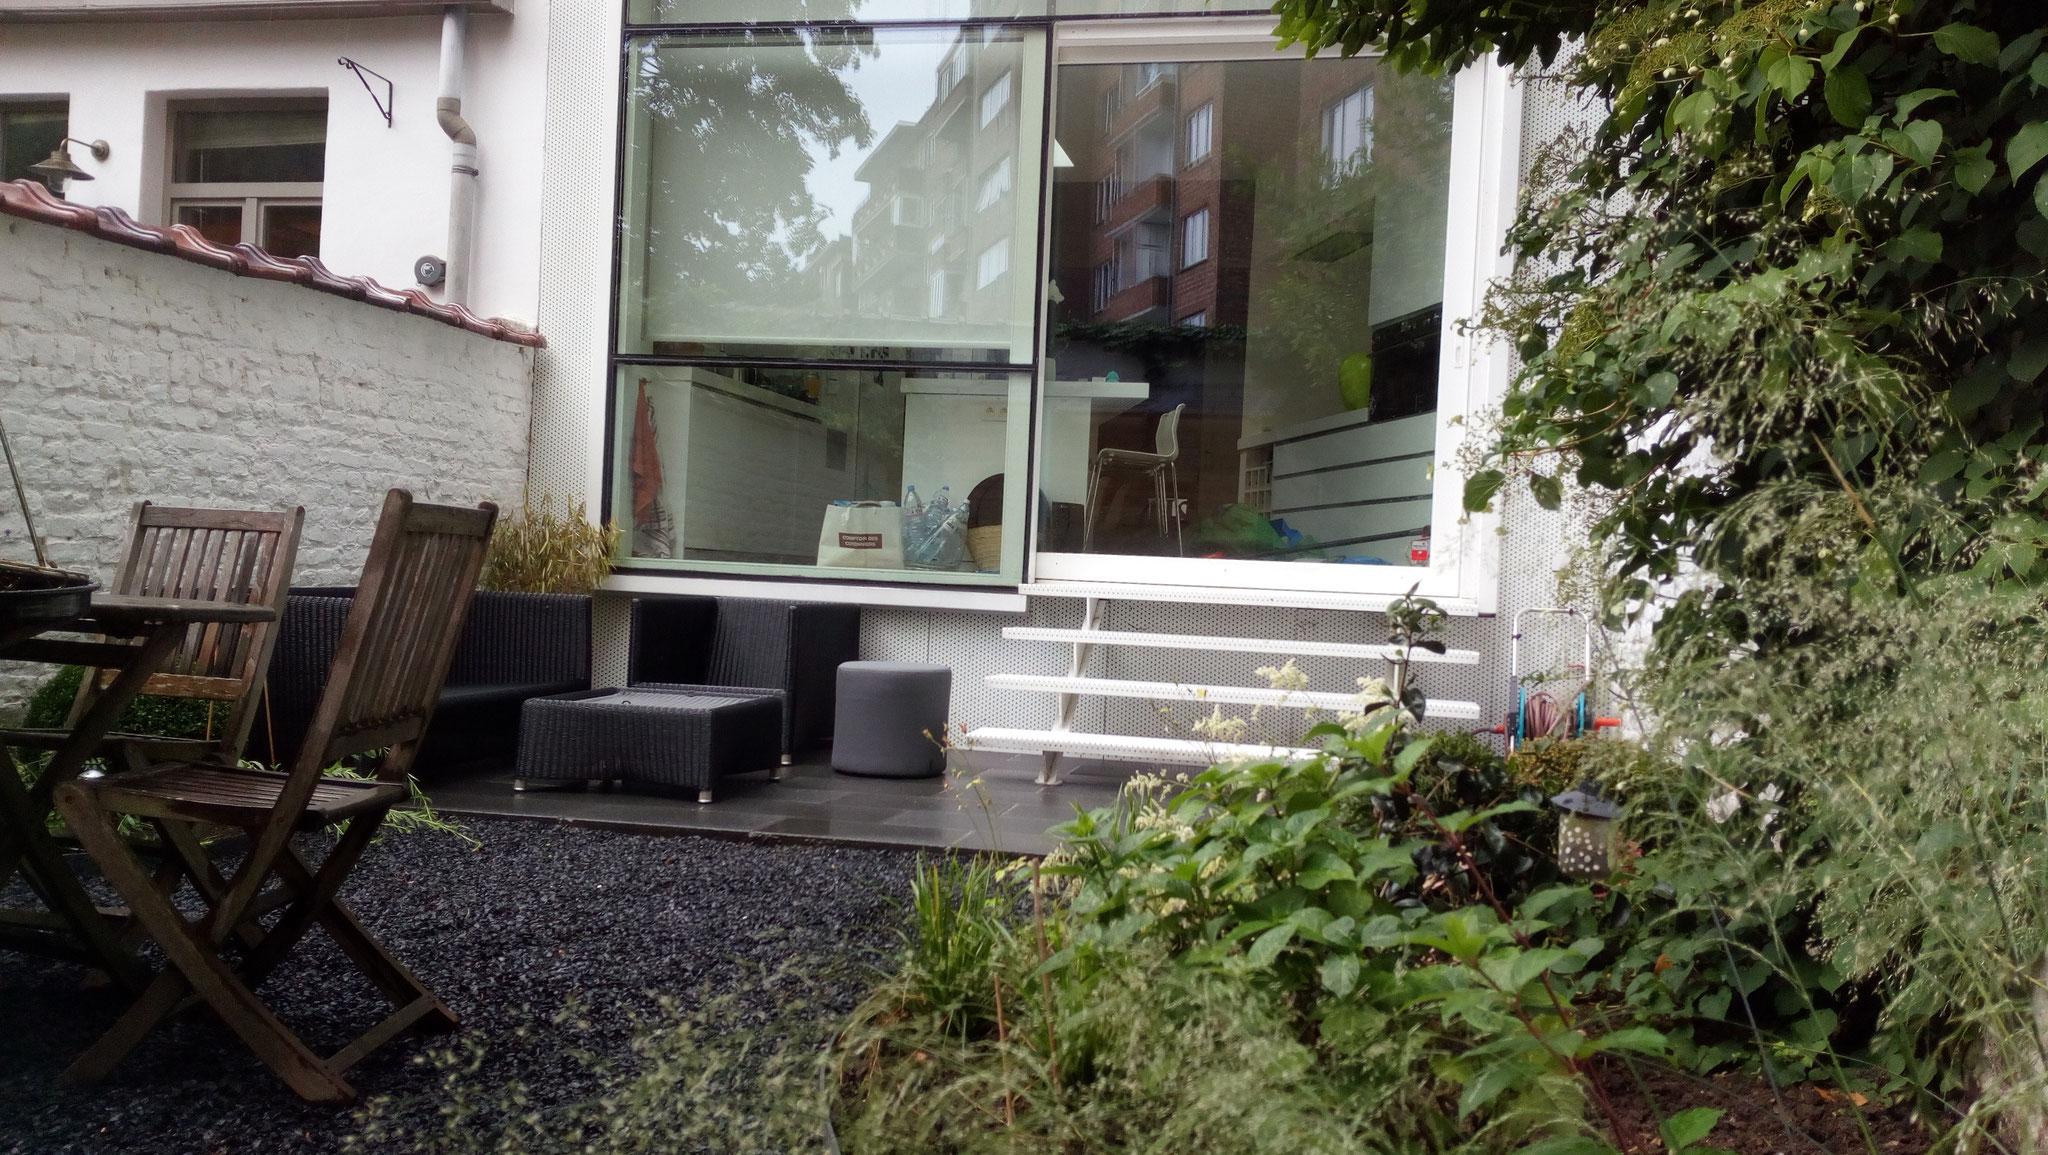 Jardin/ Cour Ixelles - Vue sur la cuisine. Amenagement jardin Bruxelles